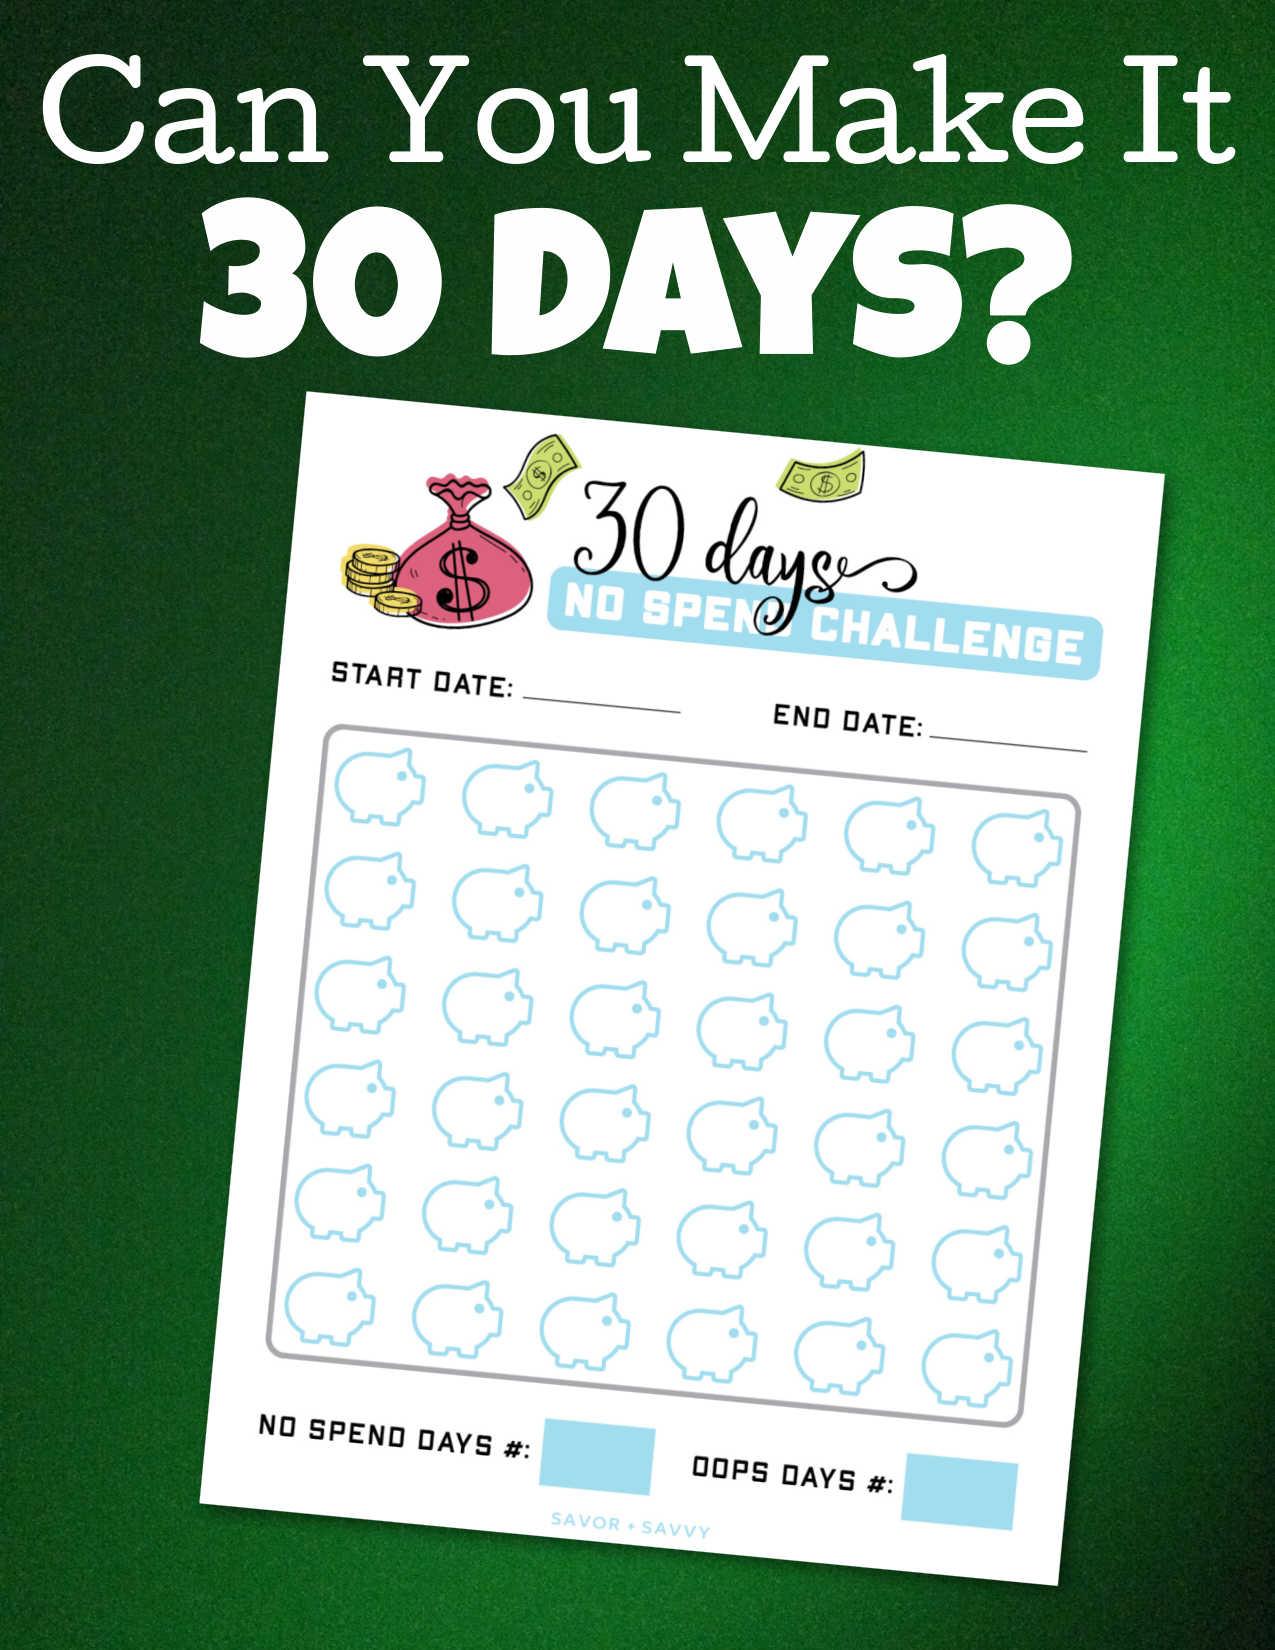 30 day no spend challenge worksheet on a dark green background.